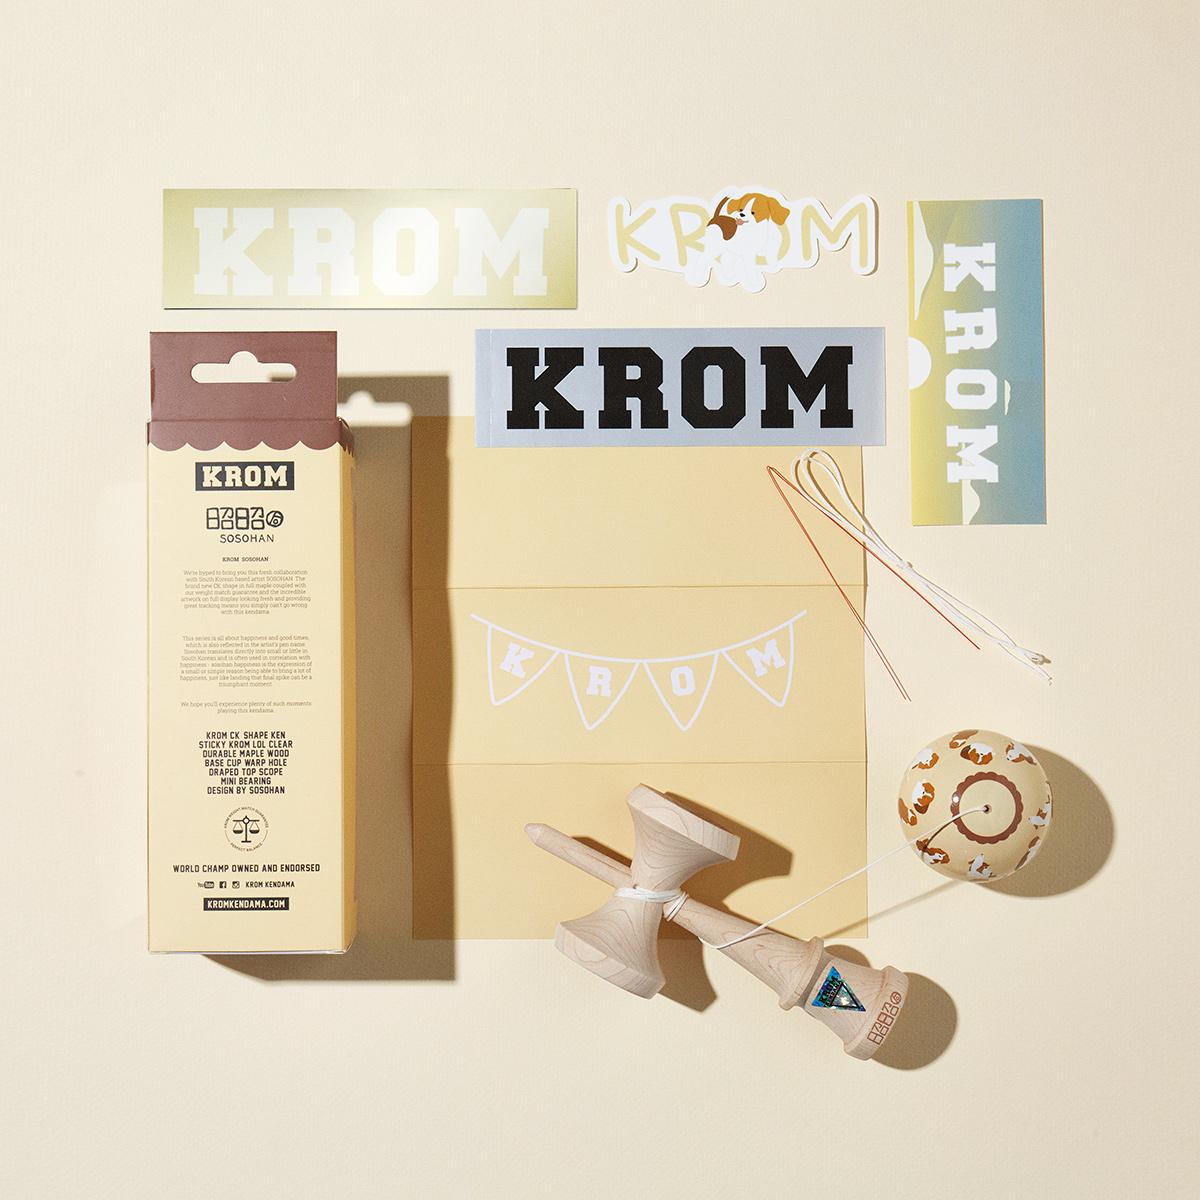 KROM SOSOHAN - BEAGLE